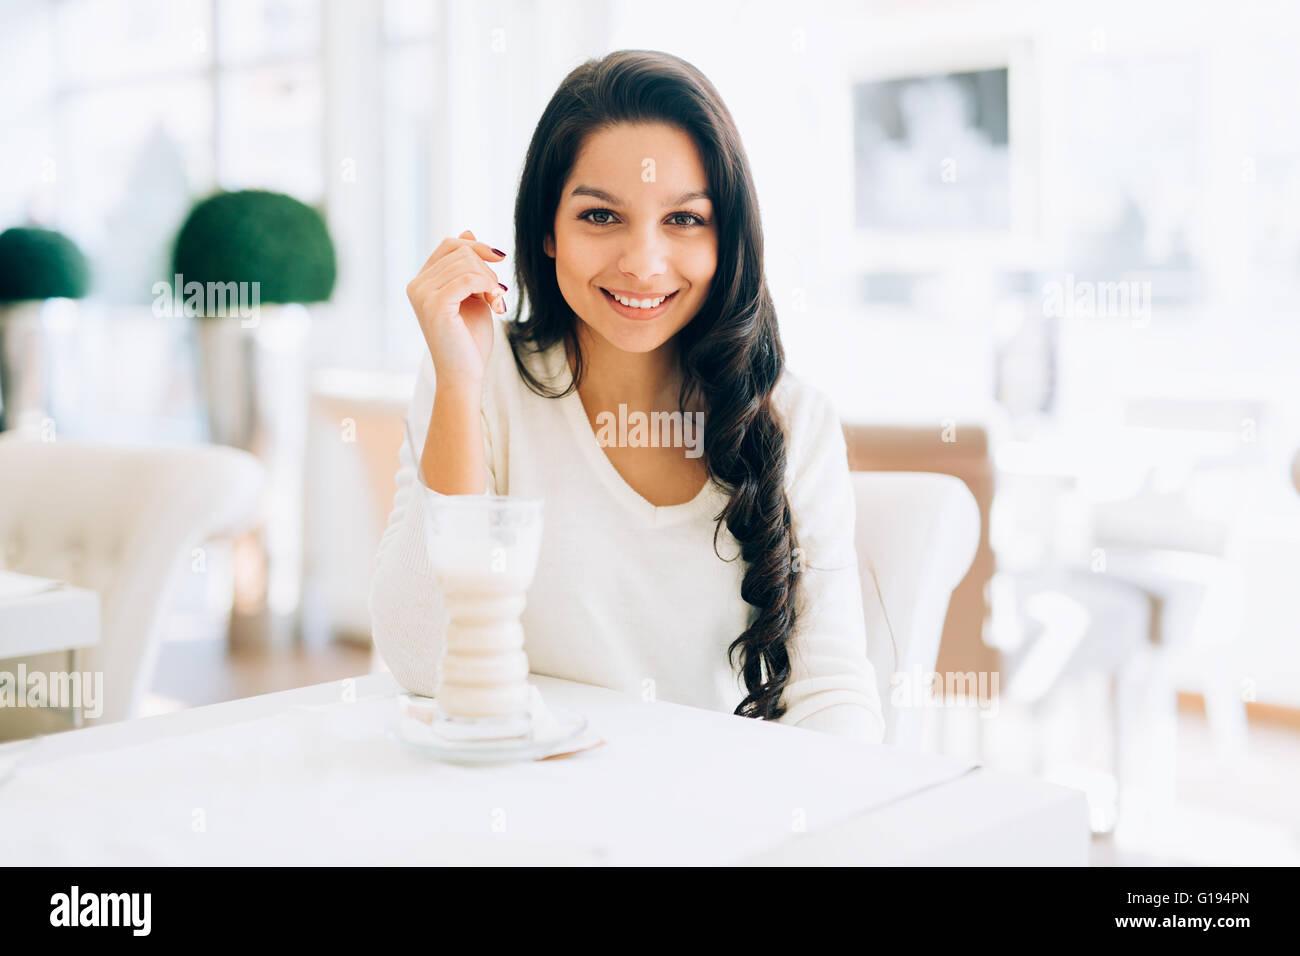 Bella mujer bebiendo café en el café Imagen De Stock